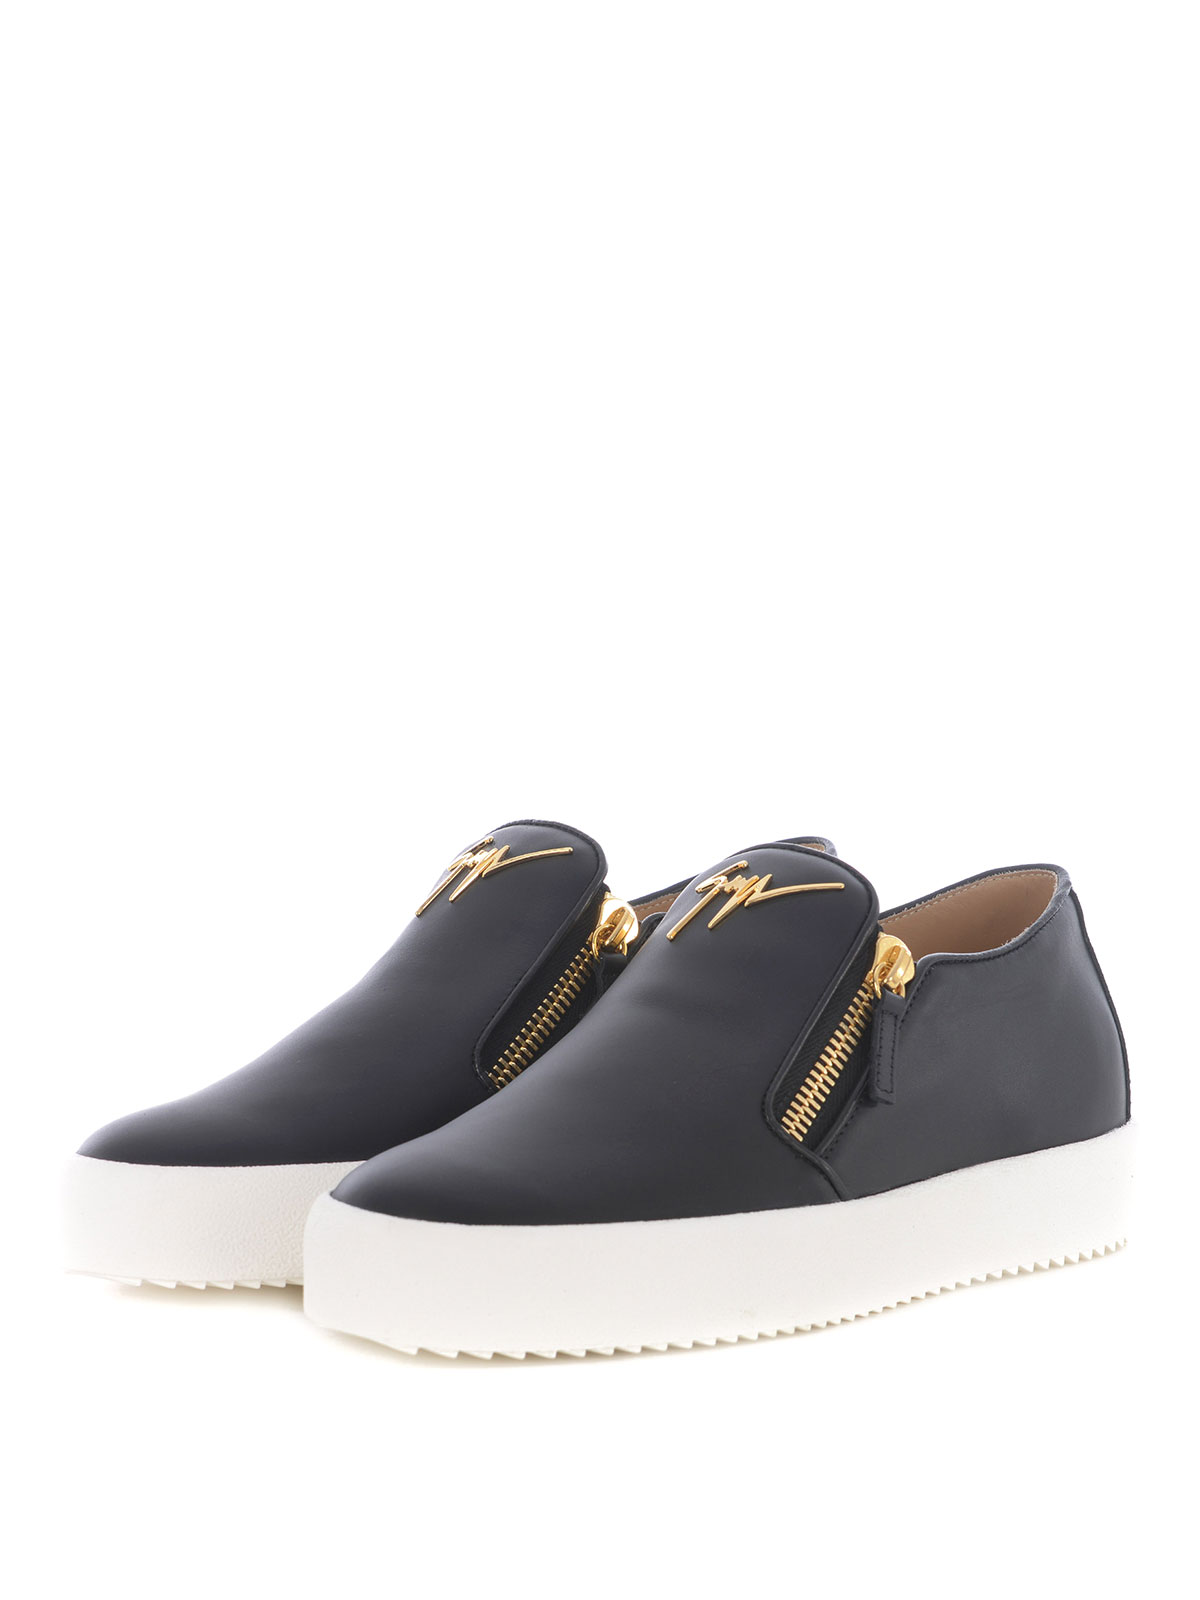 Double zip black leather slip-ons